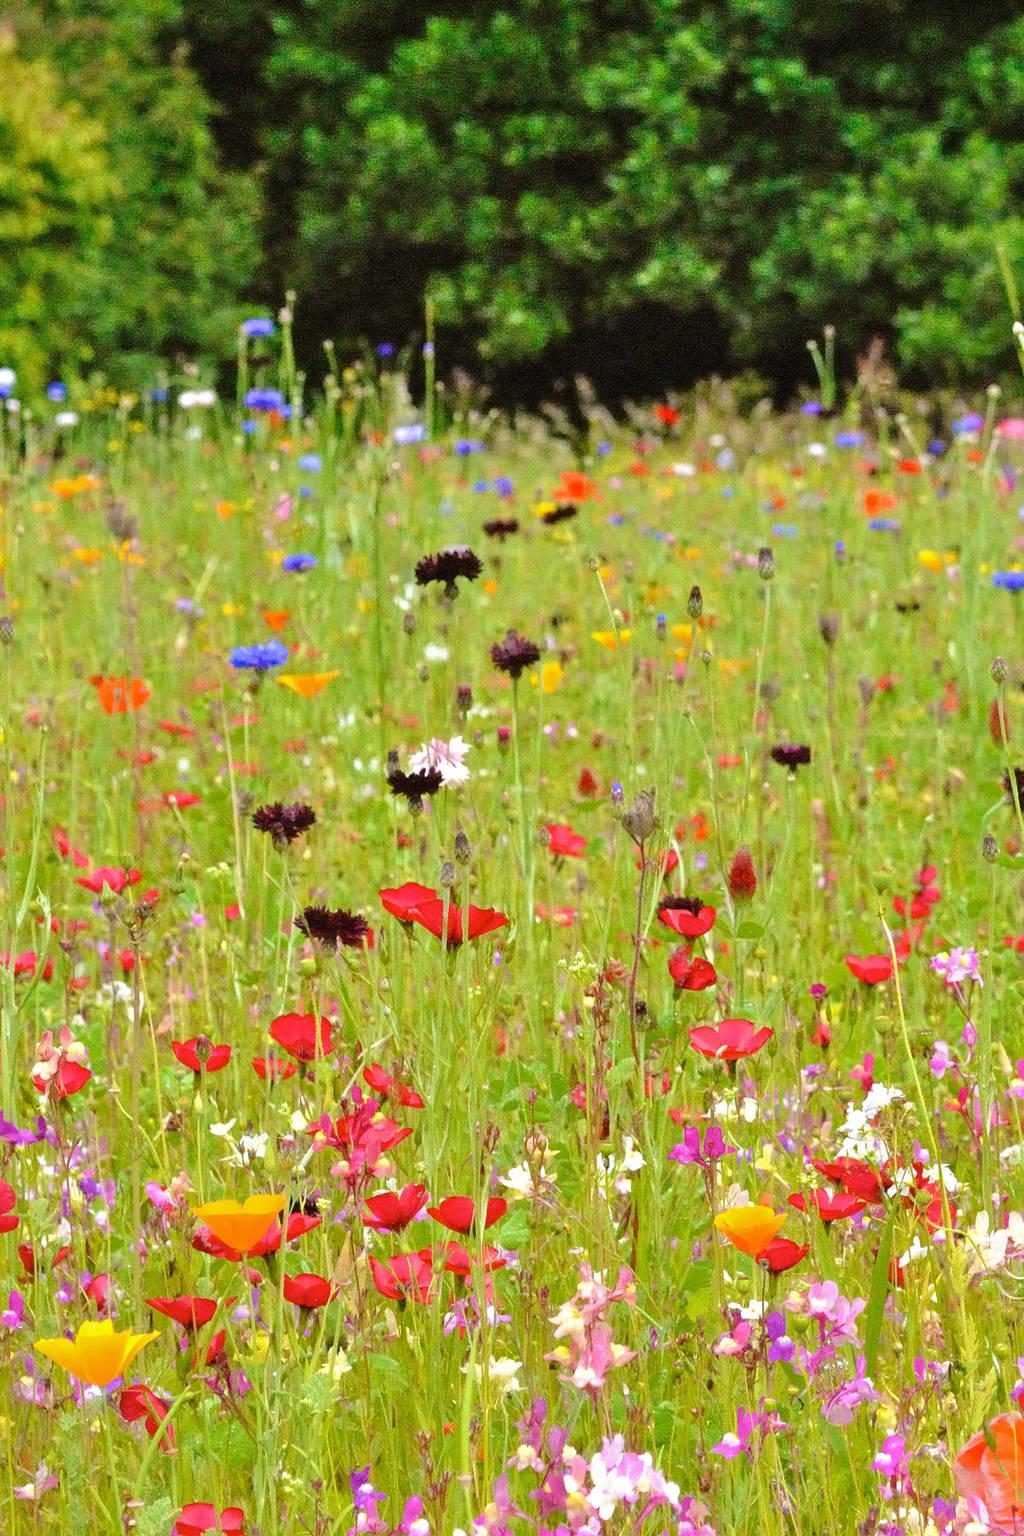 Wildflowers by Mez10000